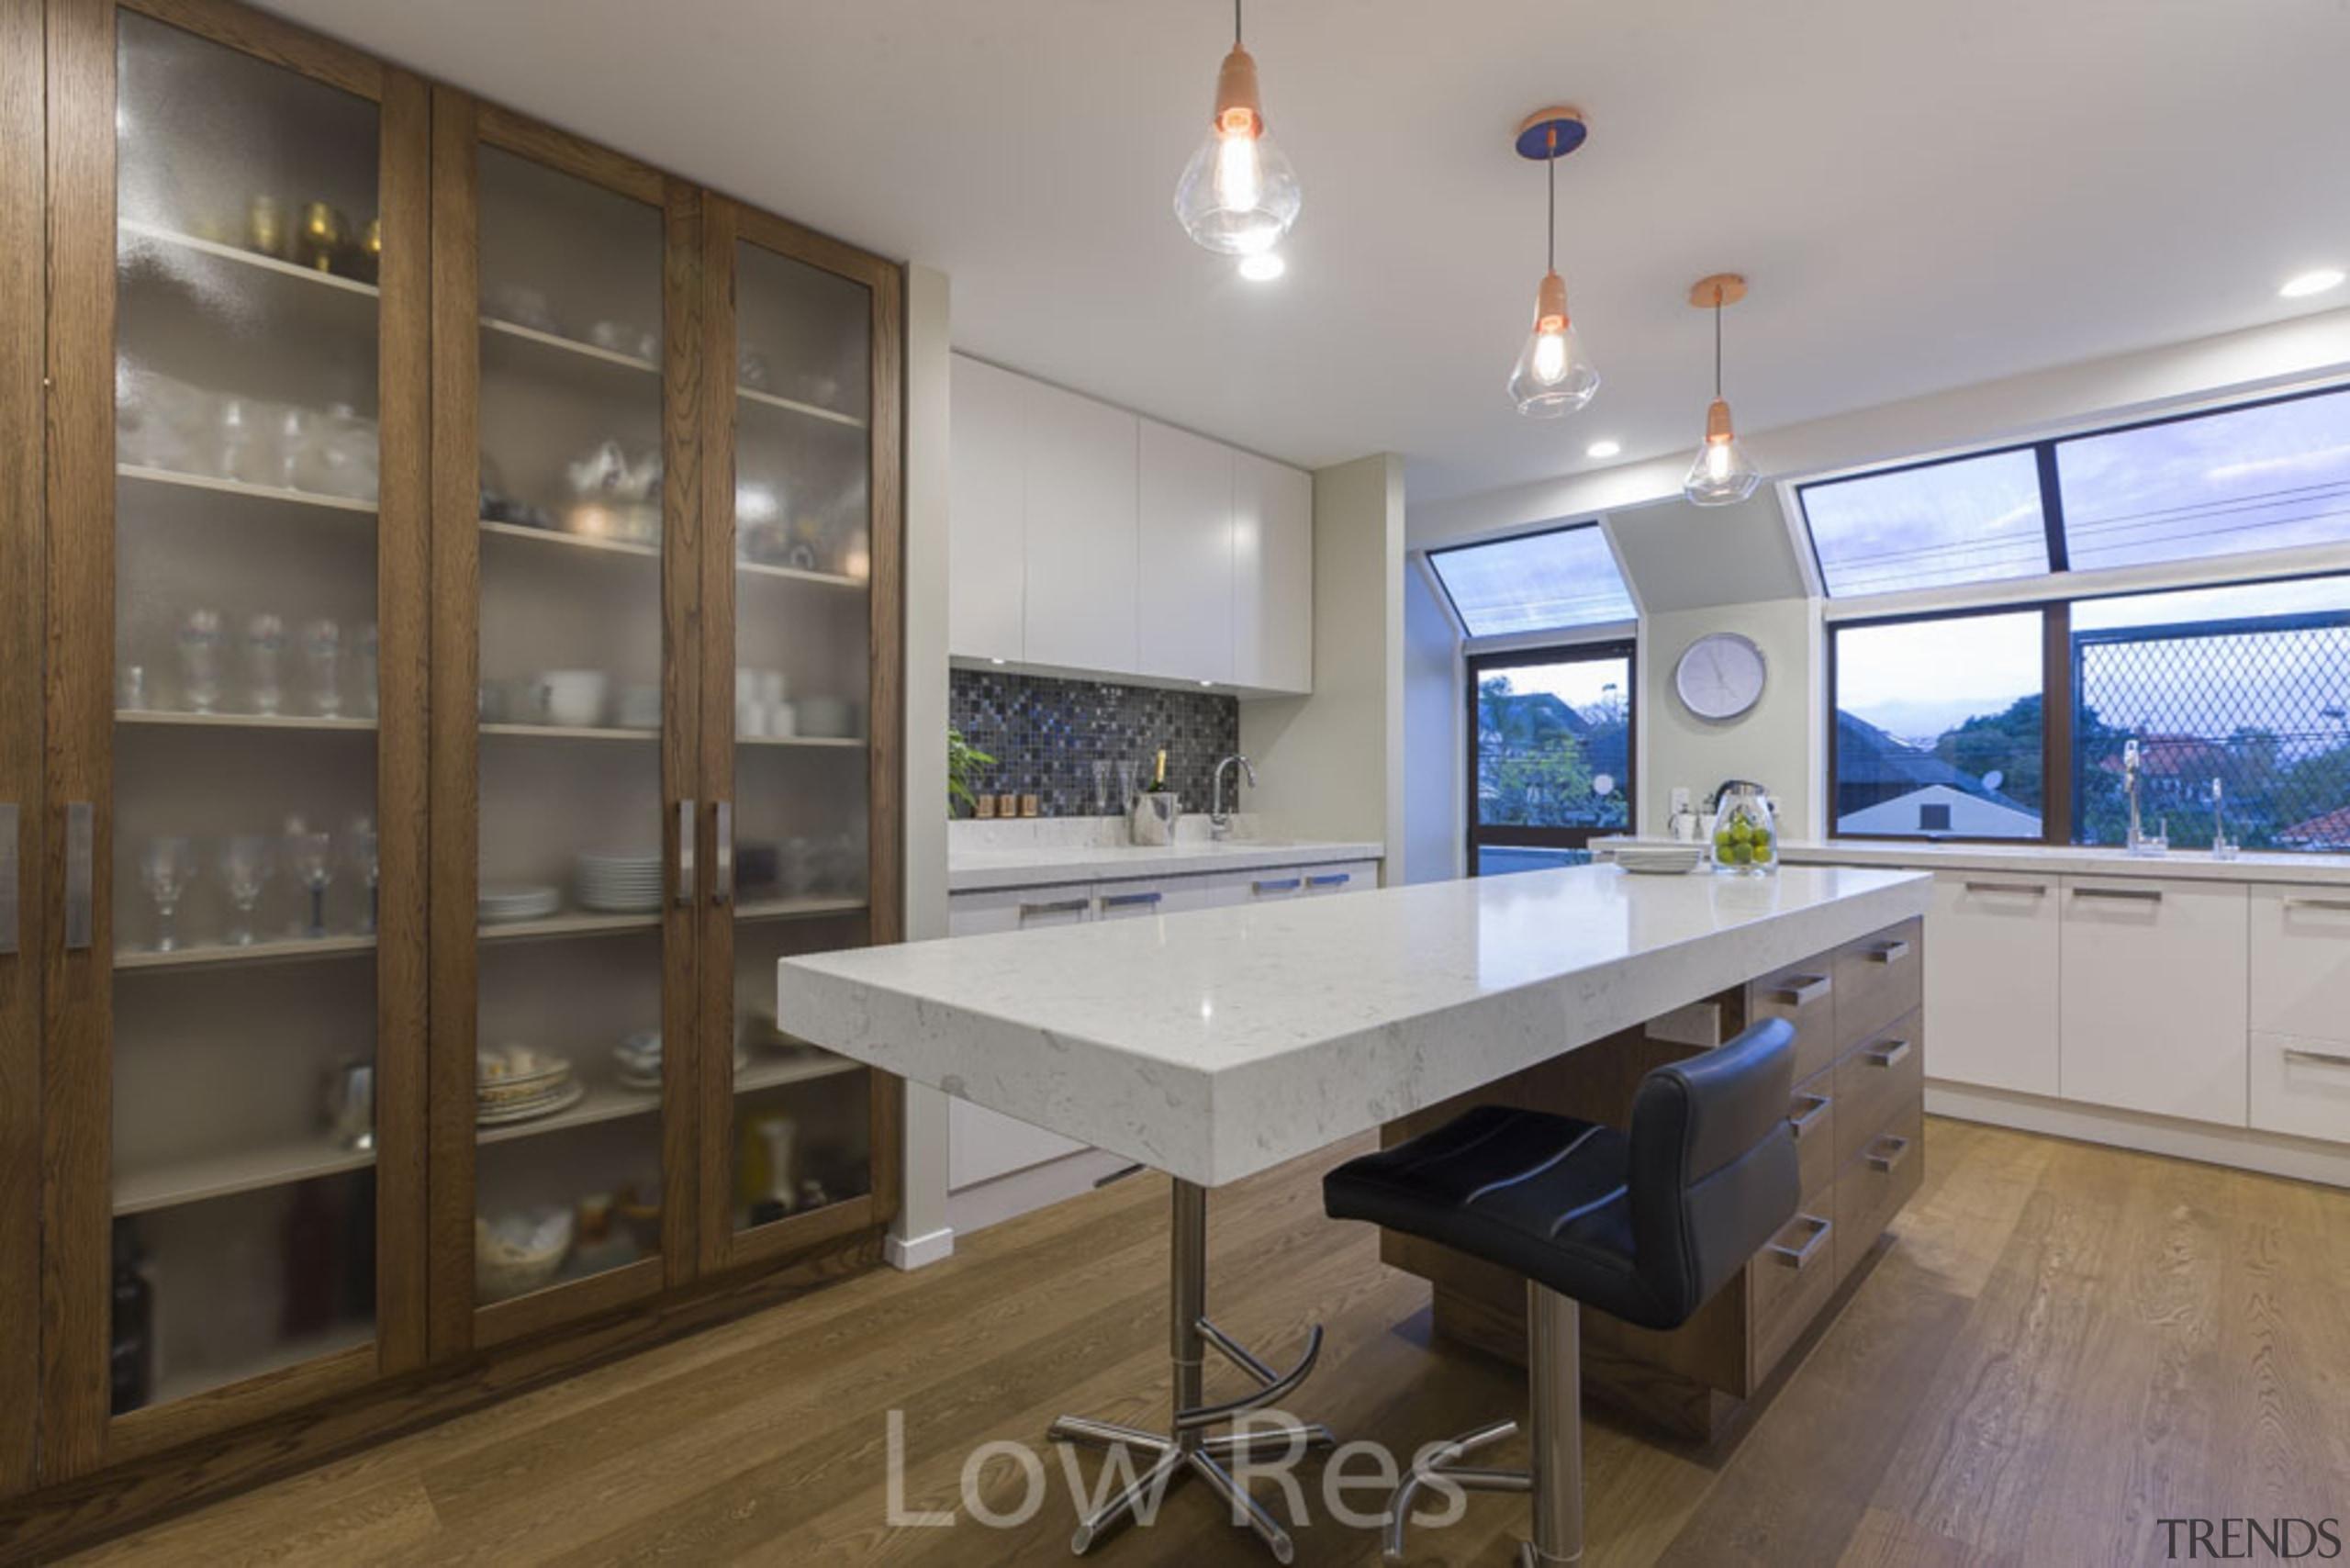 St Heliers III - countertop | interior design countertop, interior design, kitchen, property, real estate, gray, brown